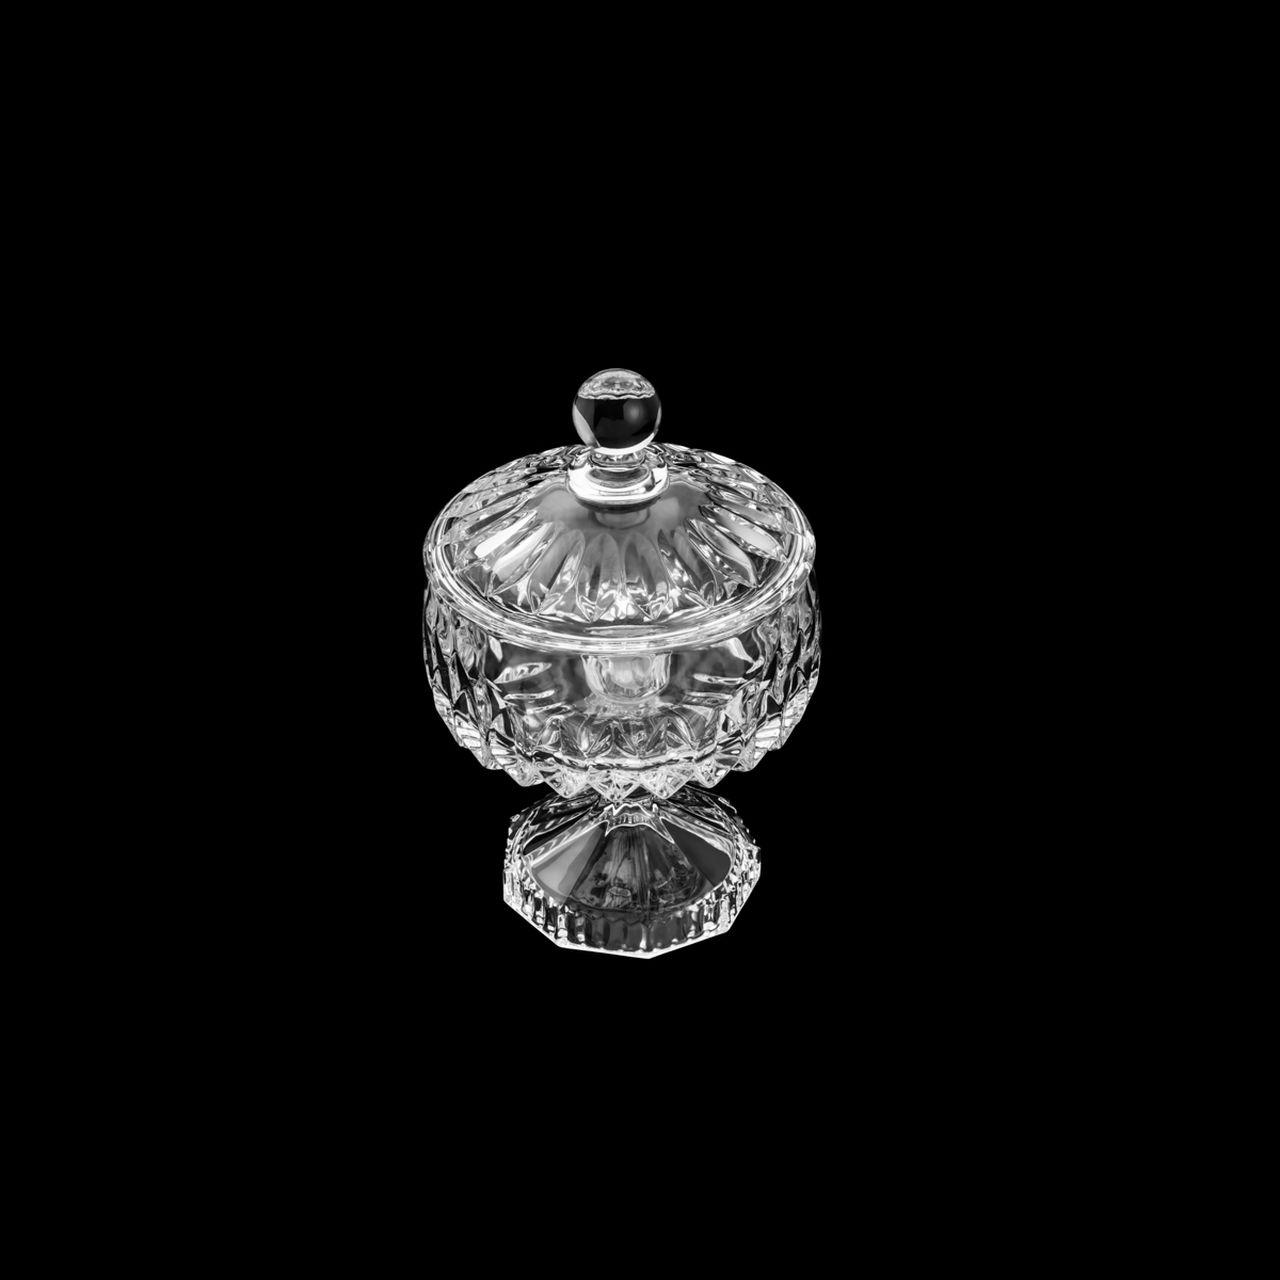 Bomboniere 22,5 cm de cristal transparente com tampa e pé Louise Wolff - 35201